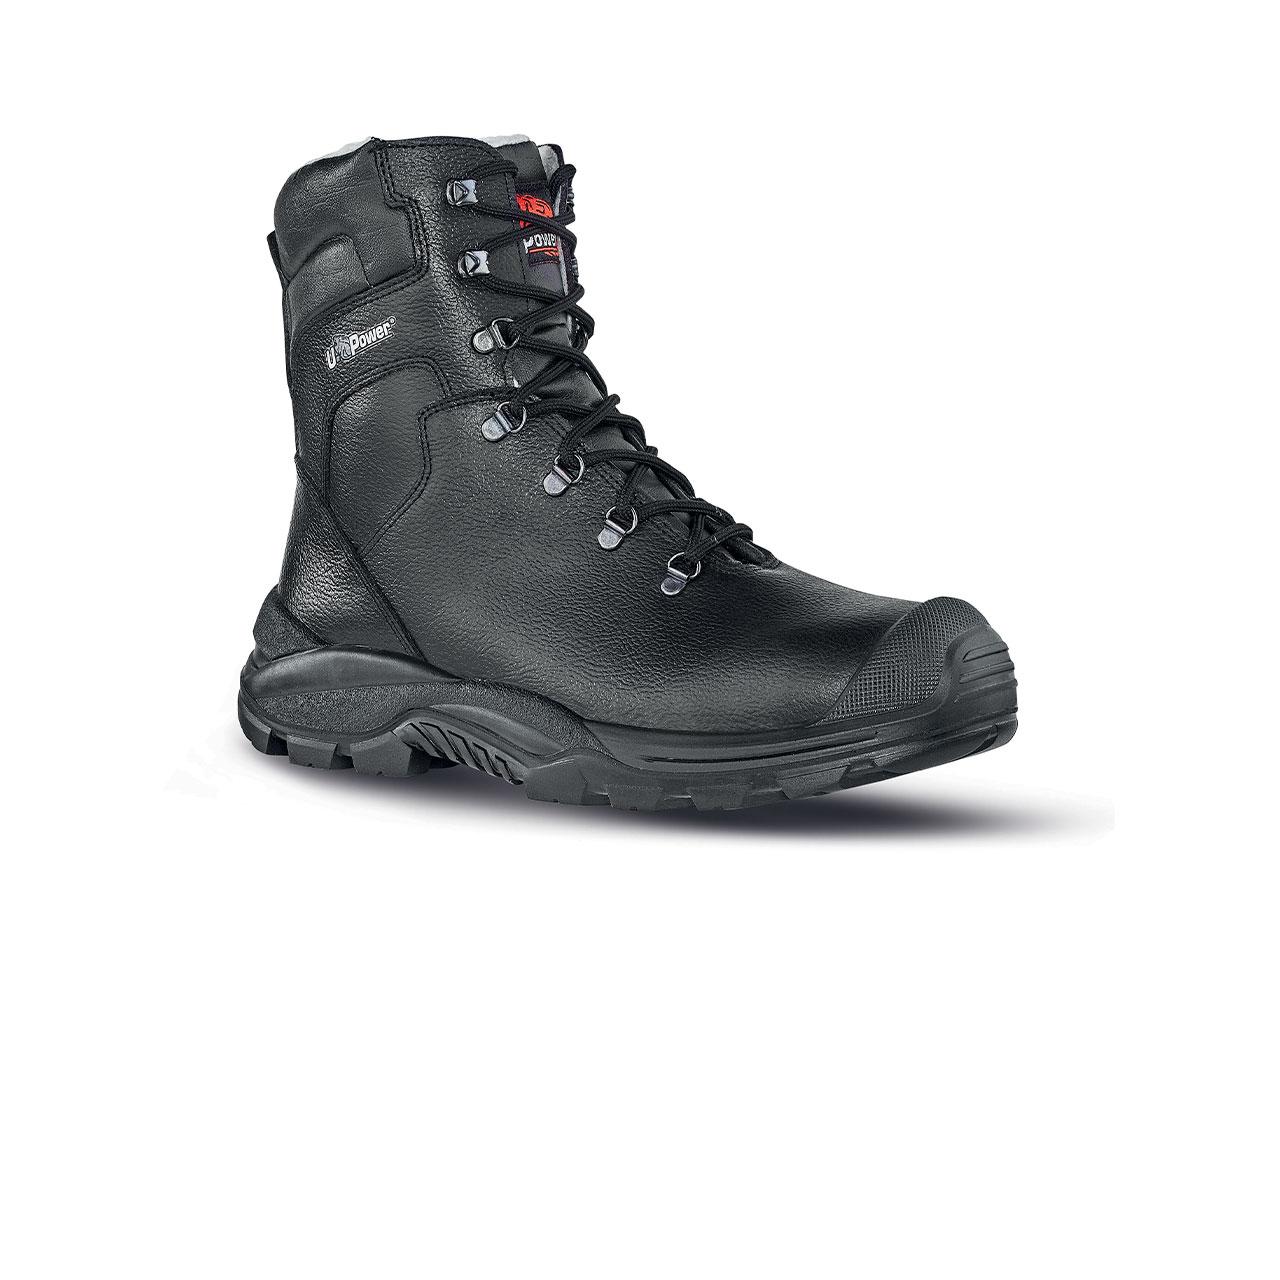 scarpa antinfortunistica upower modello klever linea rock_roll vista laterale